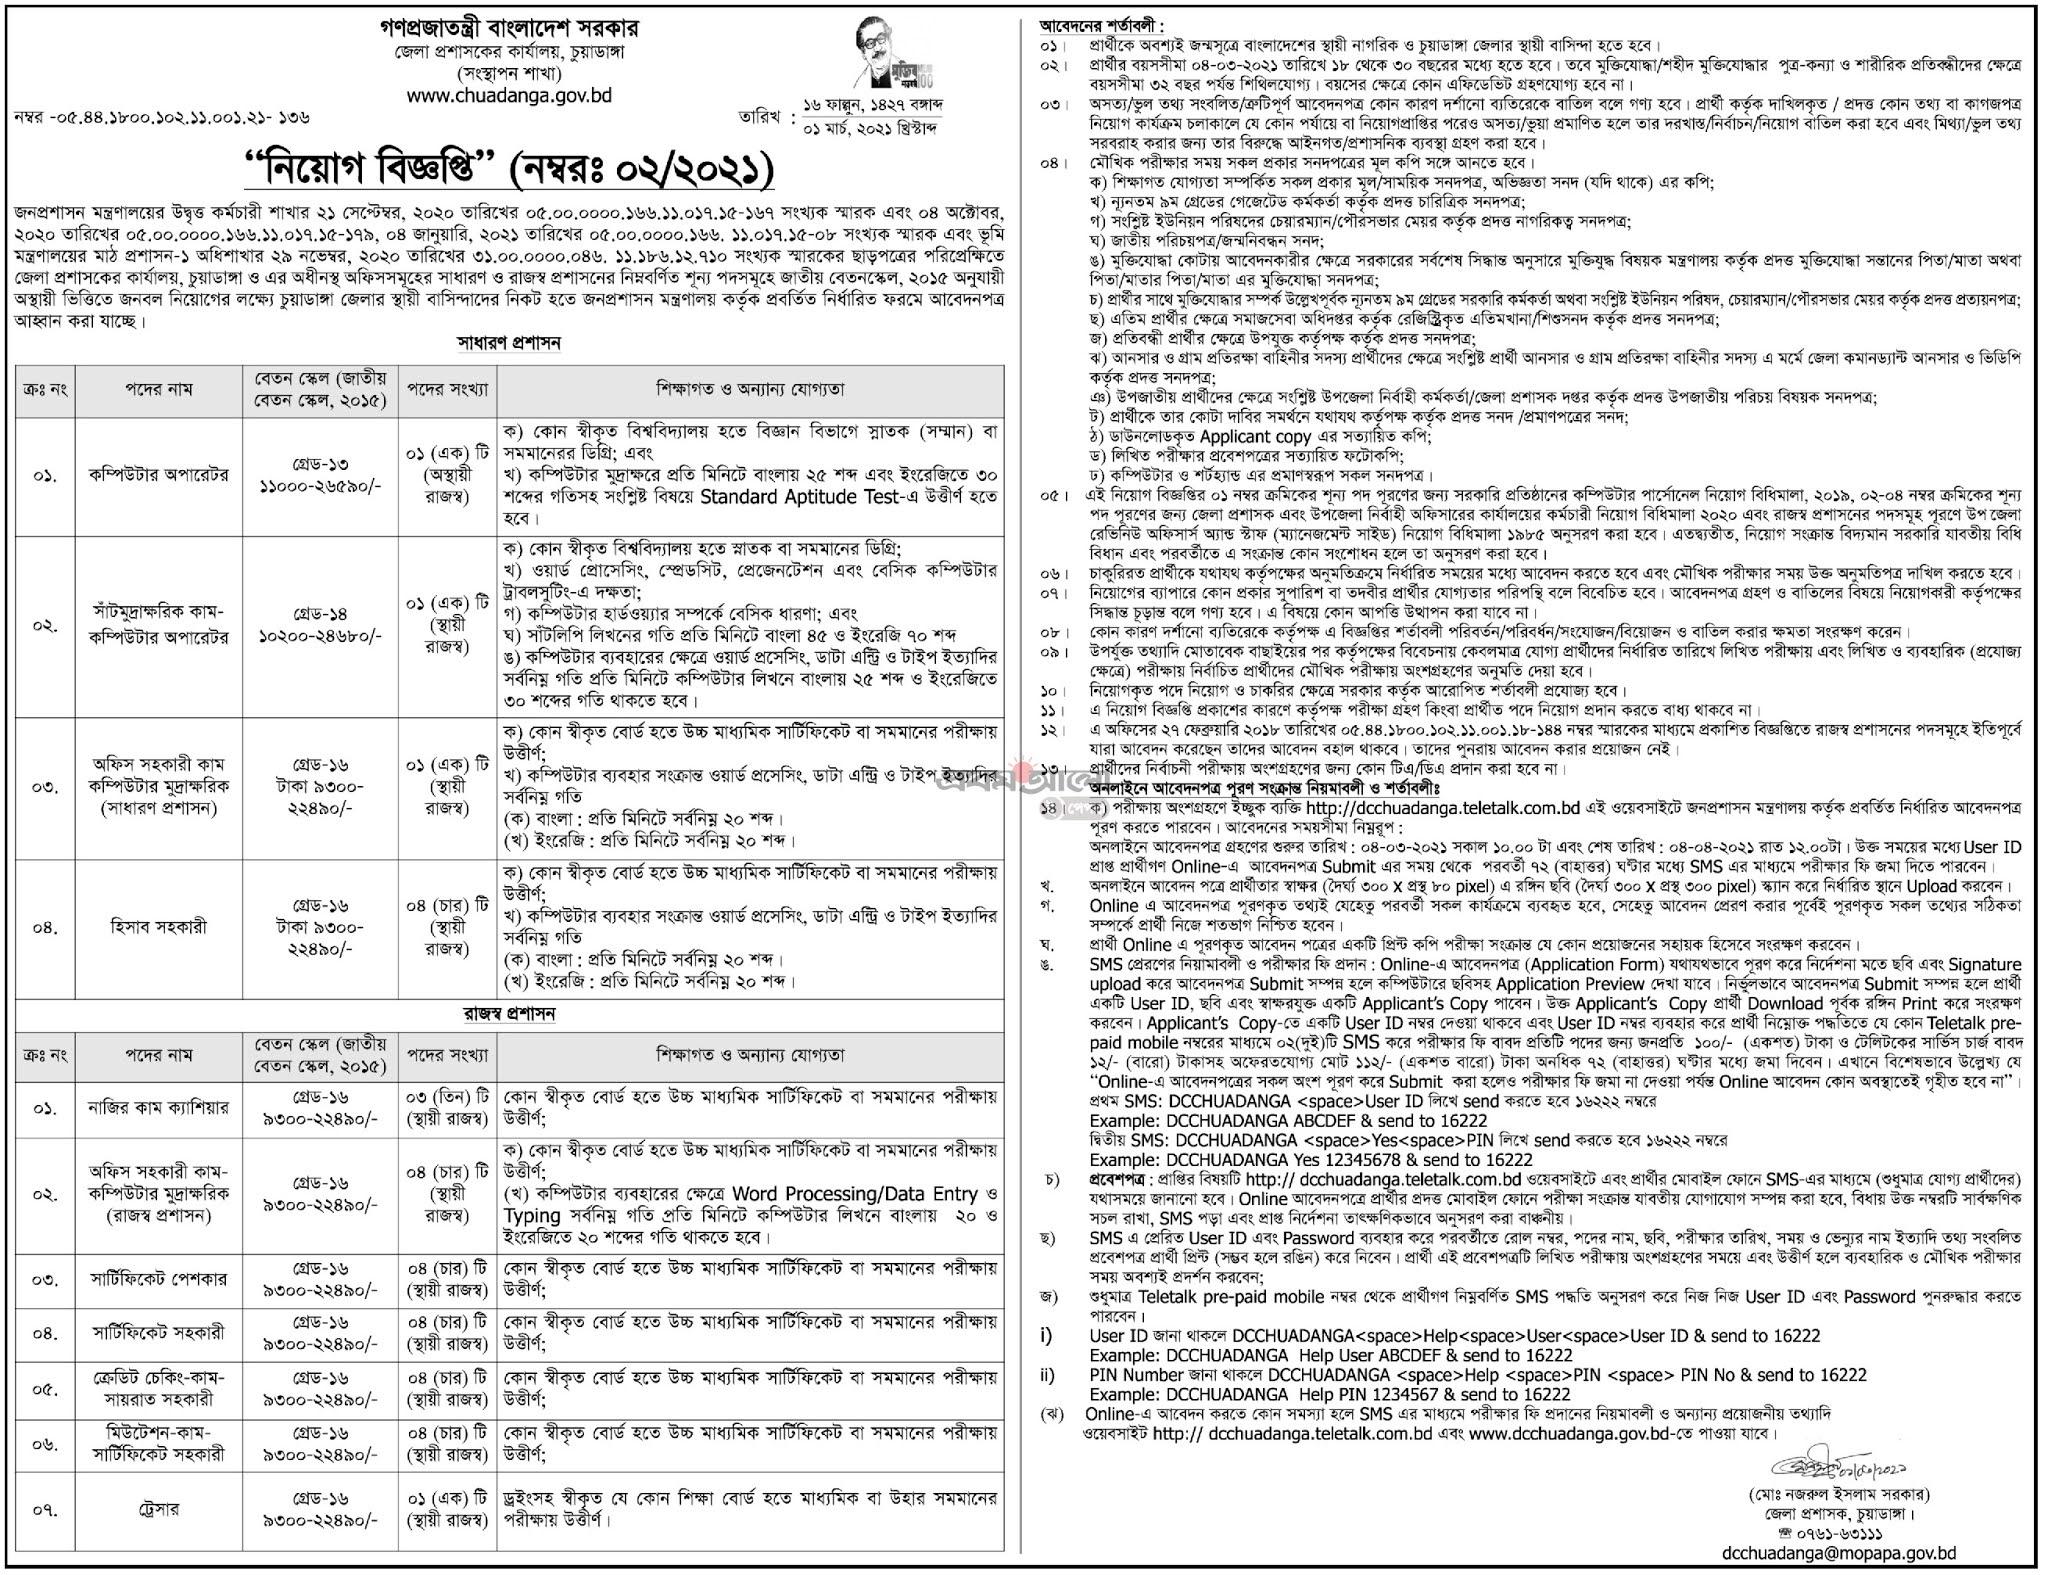 চুয়াডাঙ্গা জেলা প্রশাসকের কার্যালয় নতুন সার্কুলার ২০২১ - Cuadangga DC office News job Circular 2021